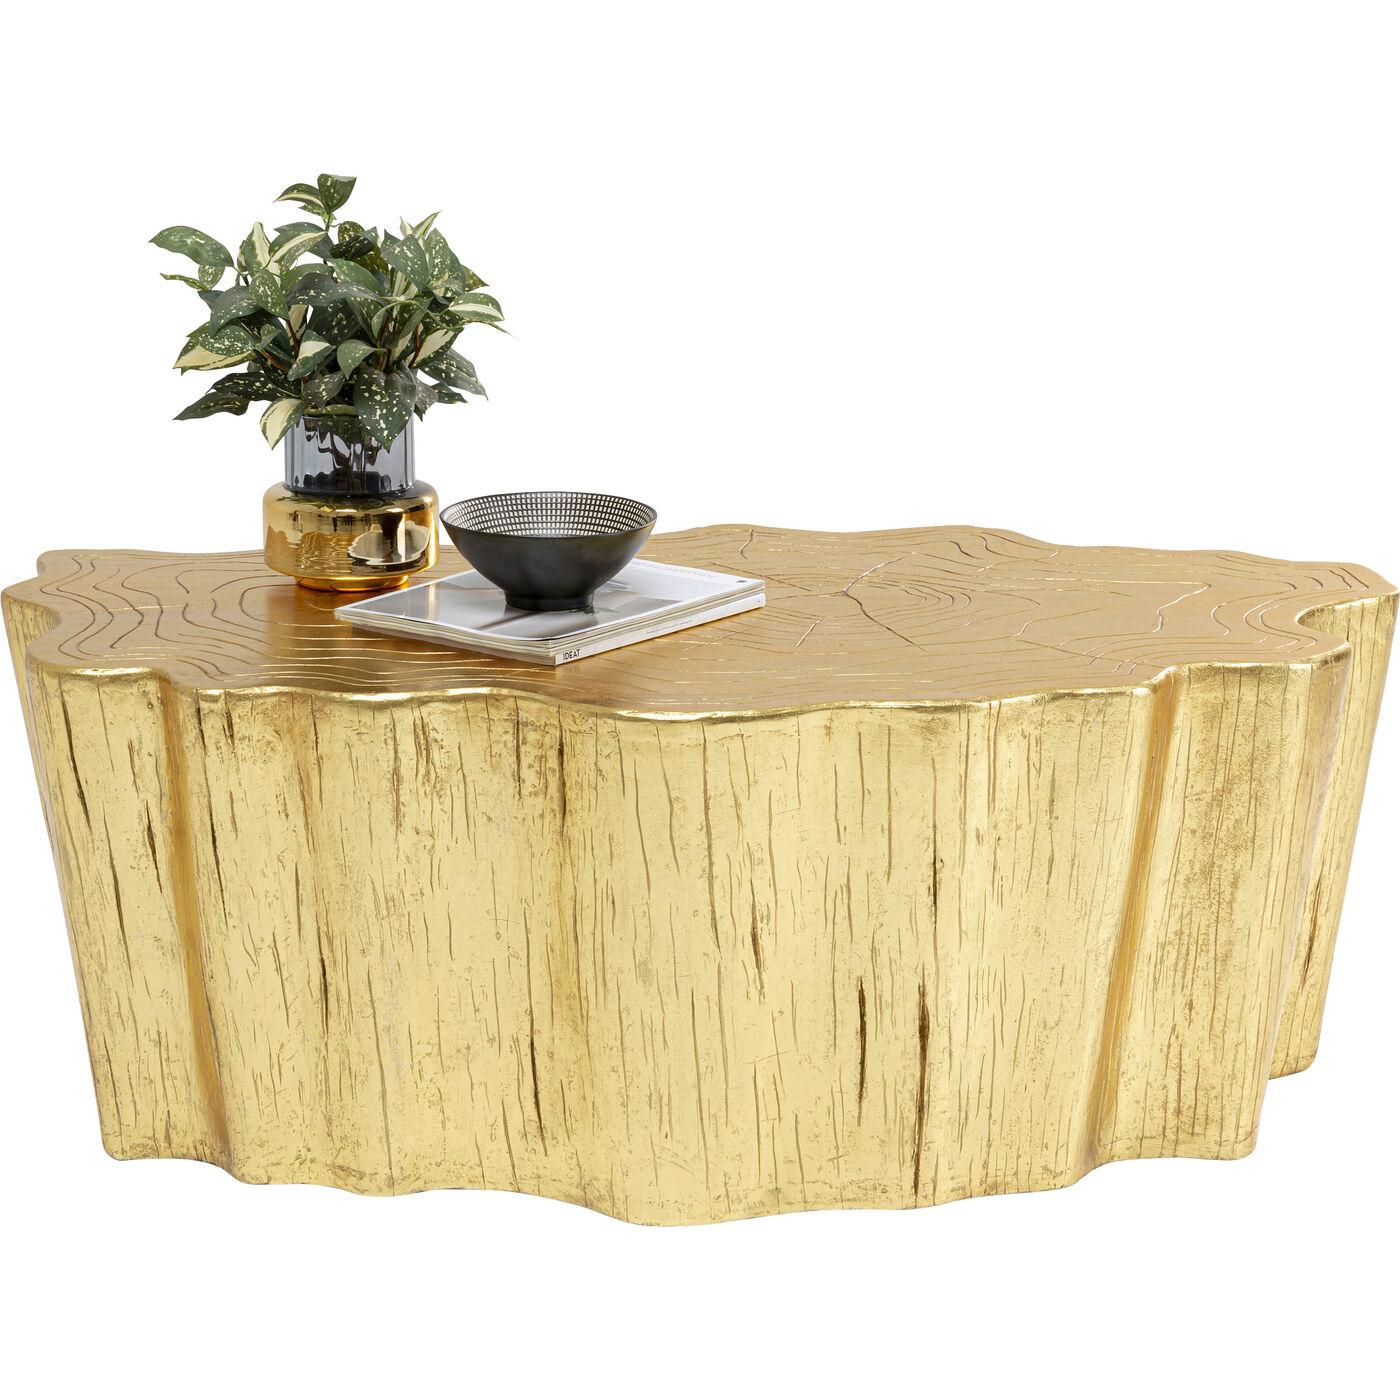 Couchtisch Tree Stump Gold 119x68cm